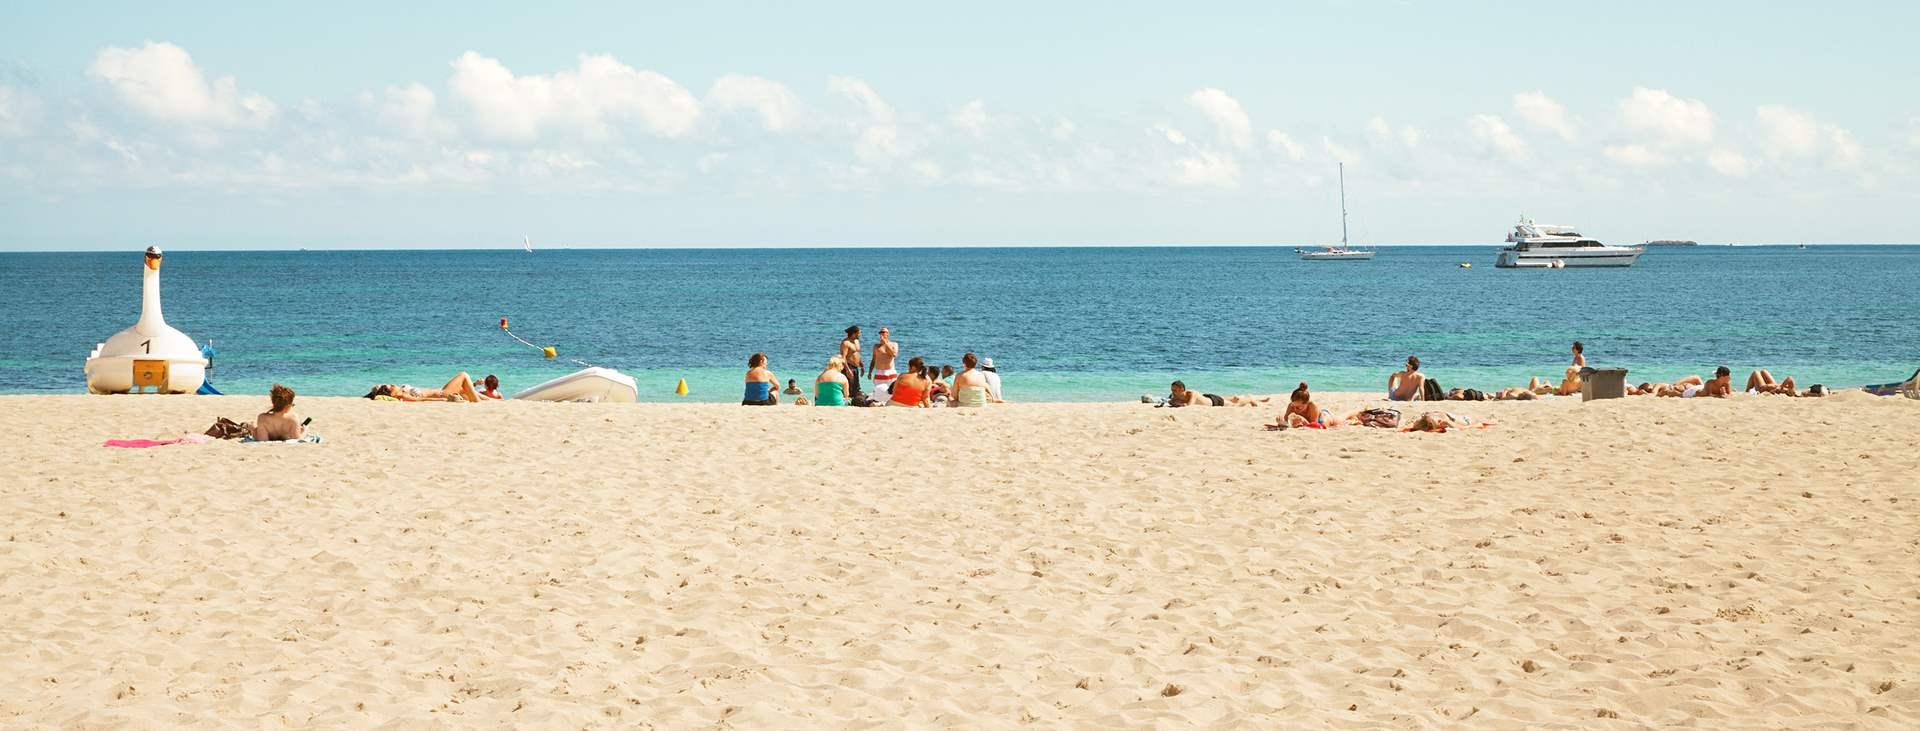 Boka en resa med All Inclusive till Sa Coma på Mallorca